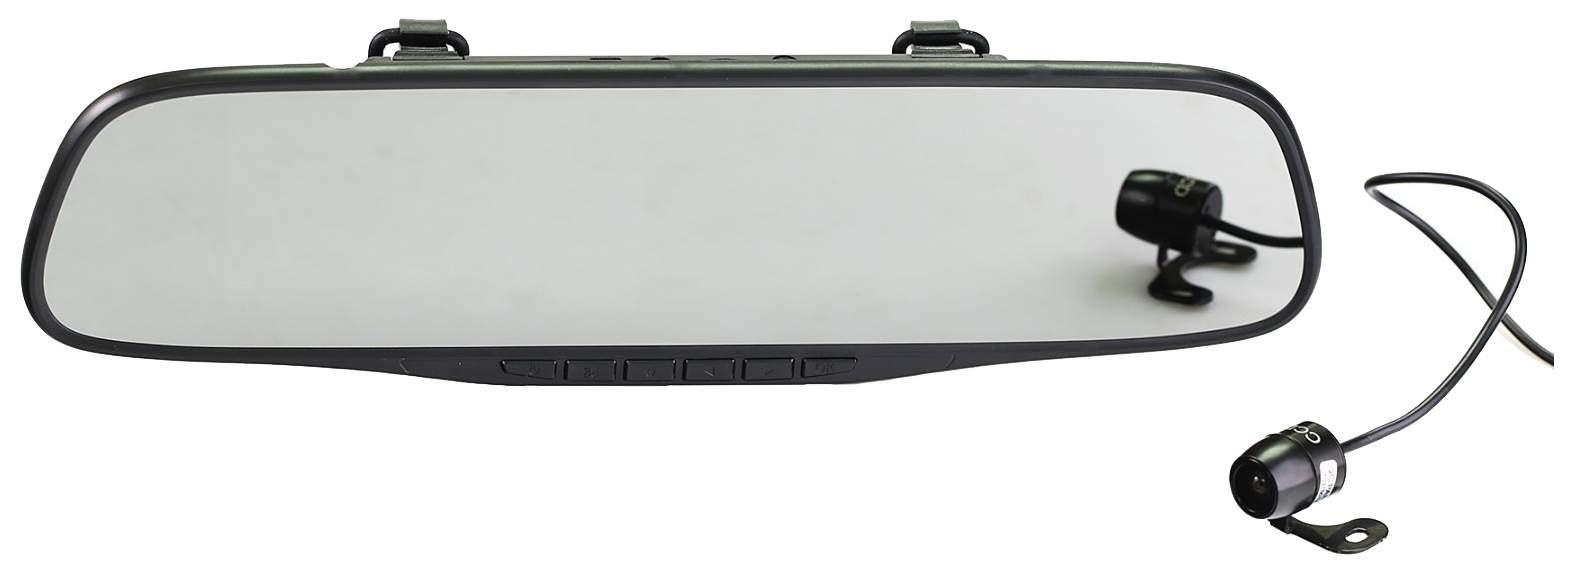 Видеорегистратор SilverStone F1 NTK-351Duo